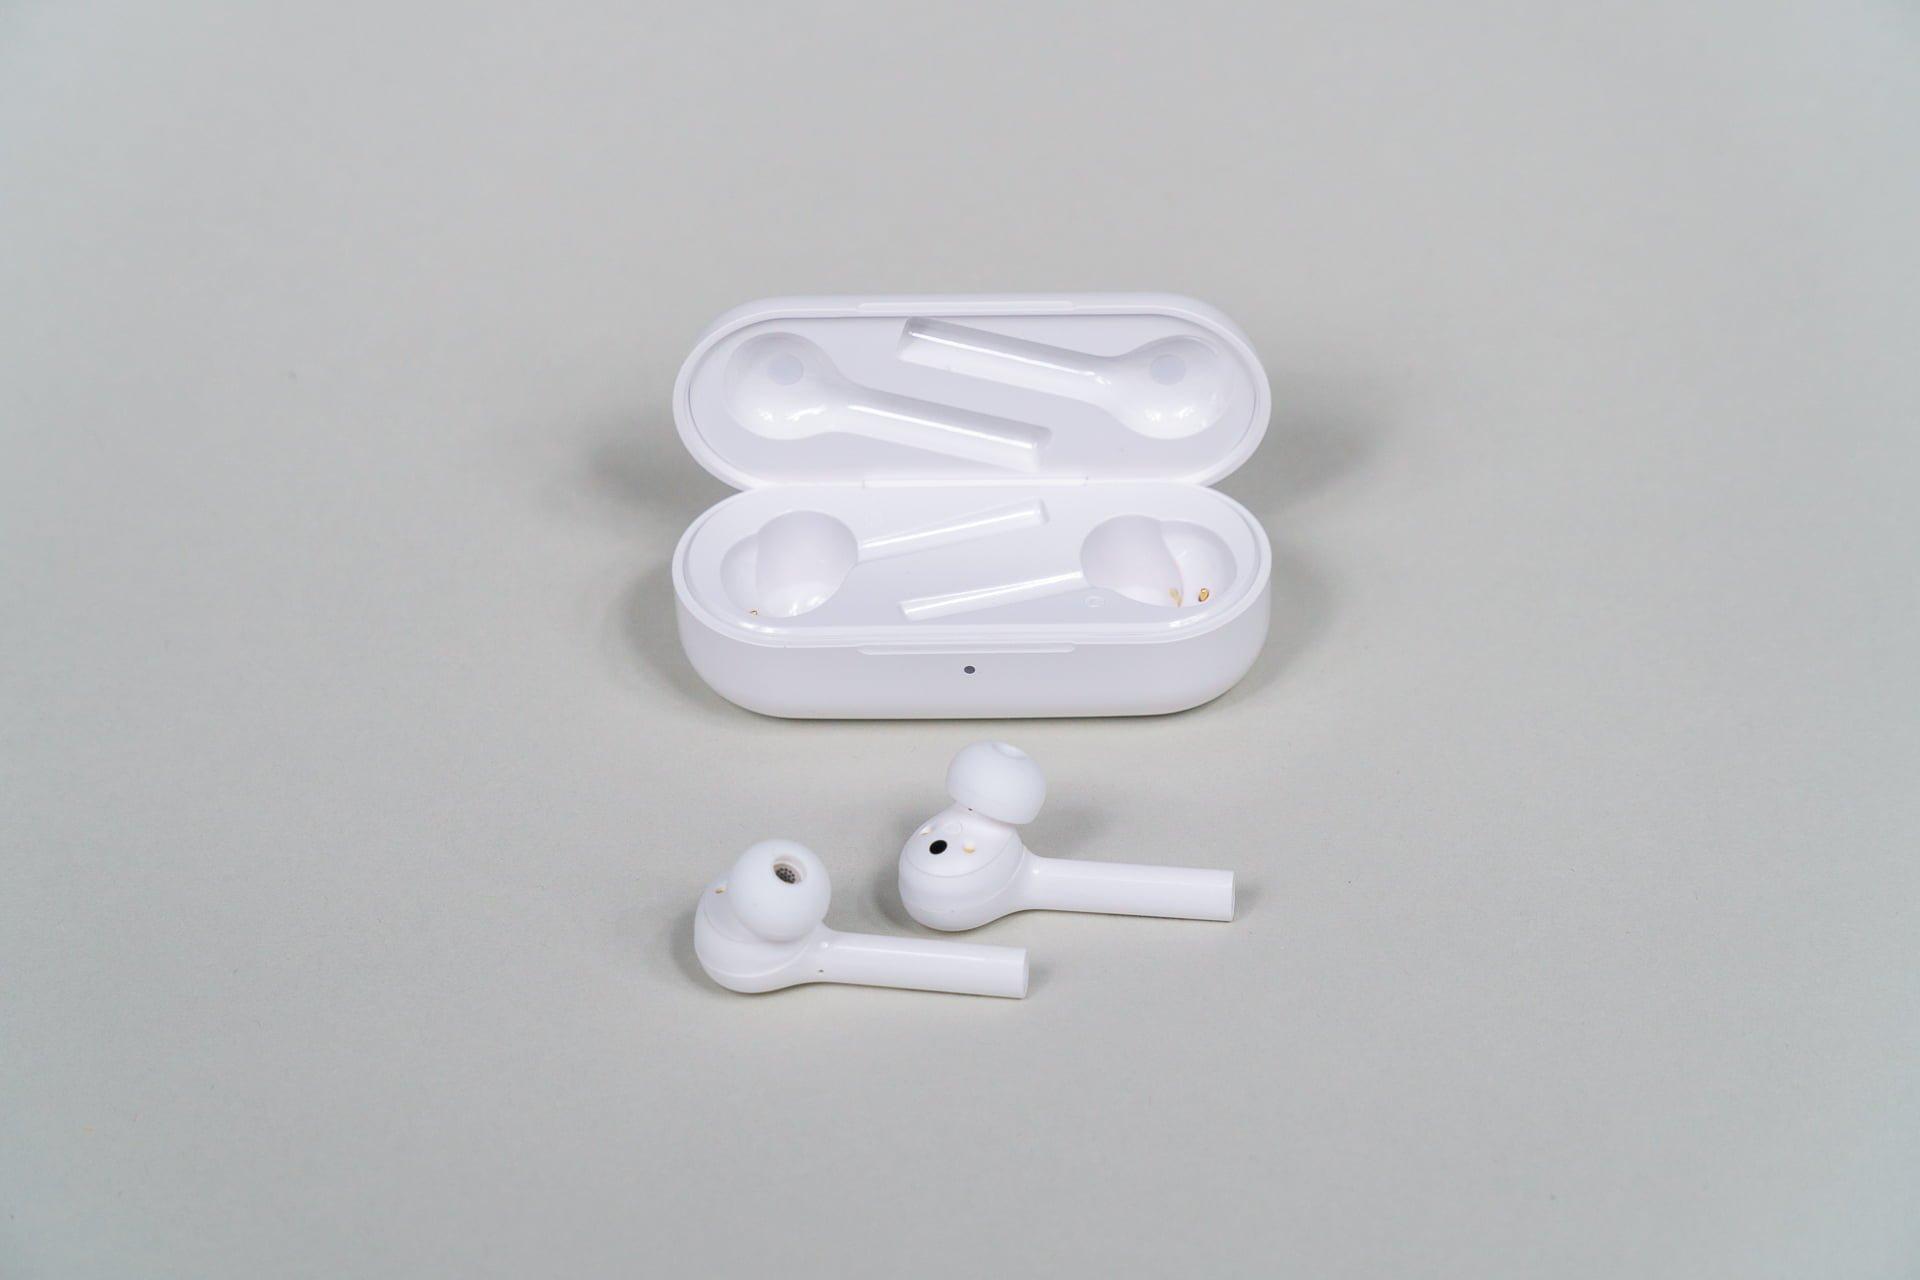 Słuchawki bezprzewodowe Honor FlyPods Lite - doskonałe na wyjazd (recenzja)